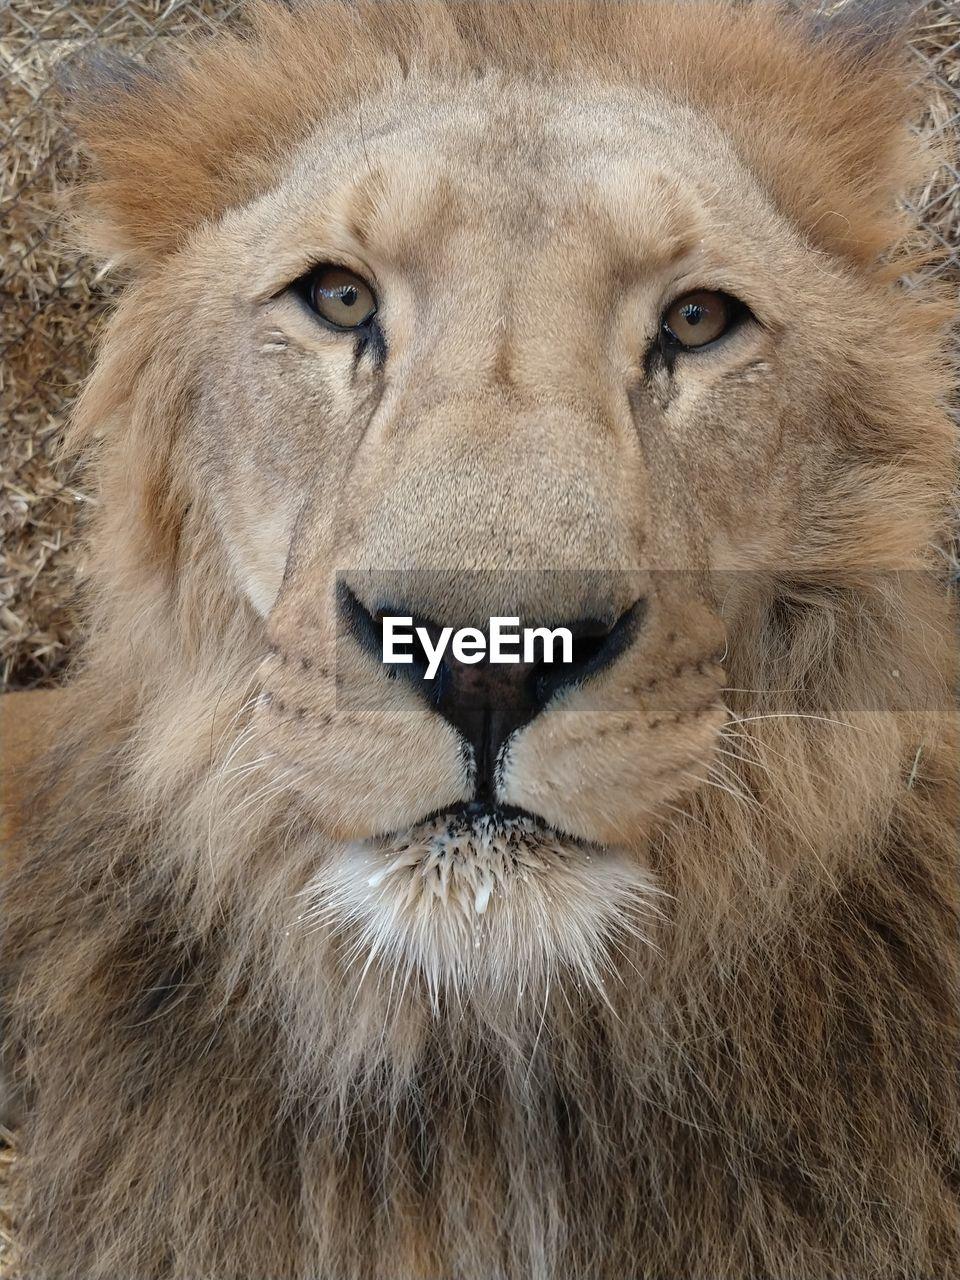 CLOSE-UP OF A LION